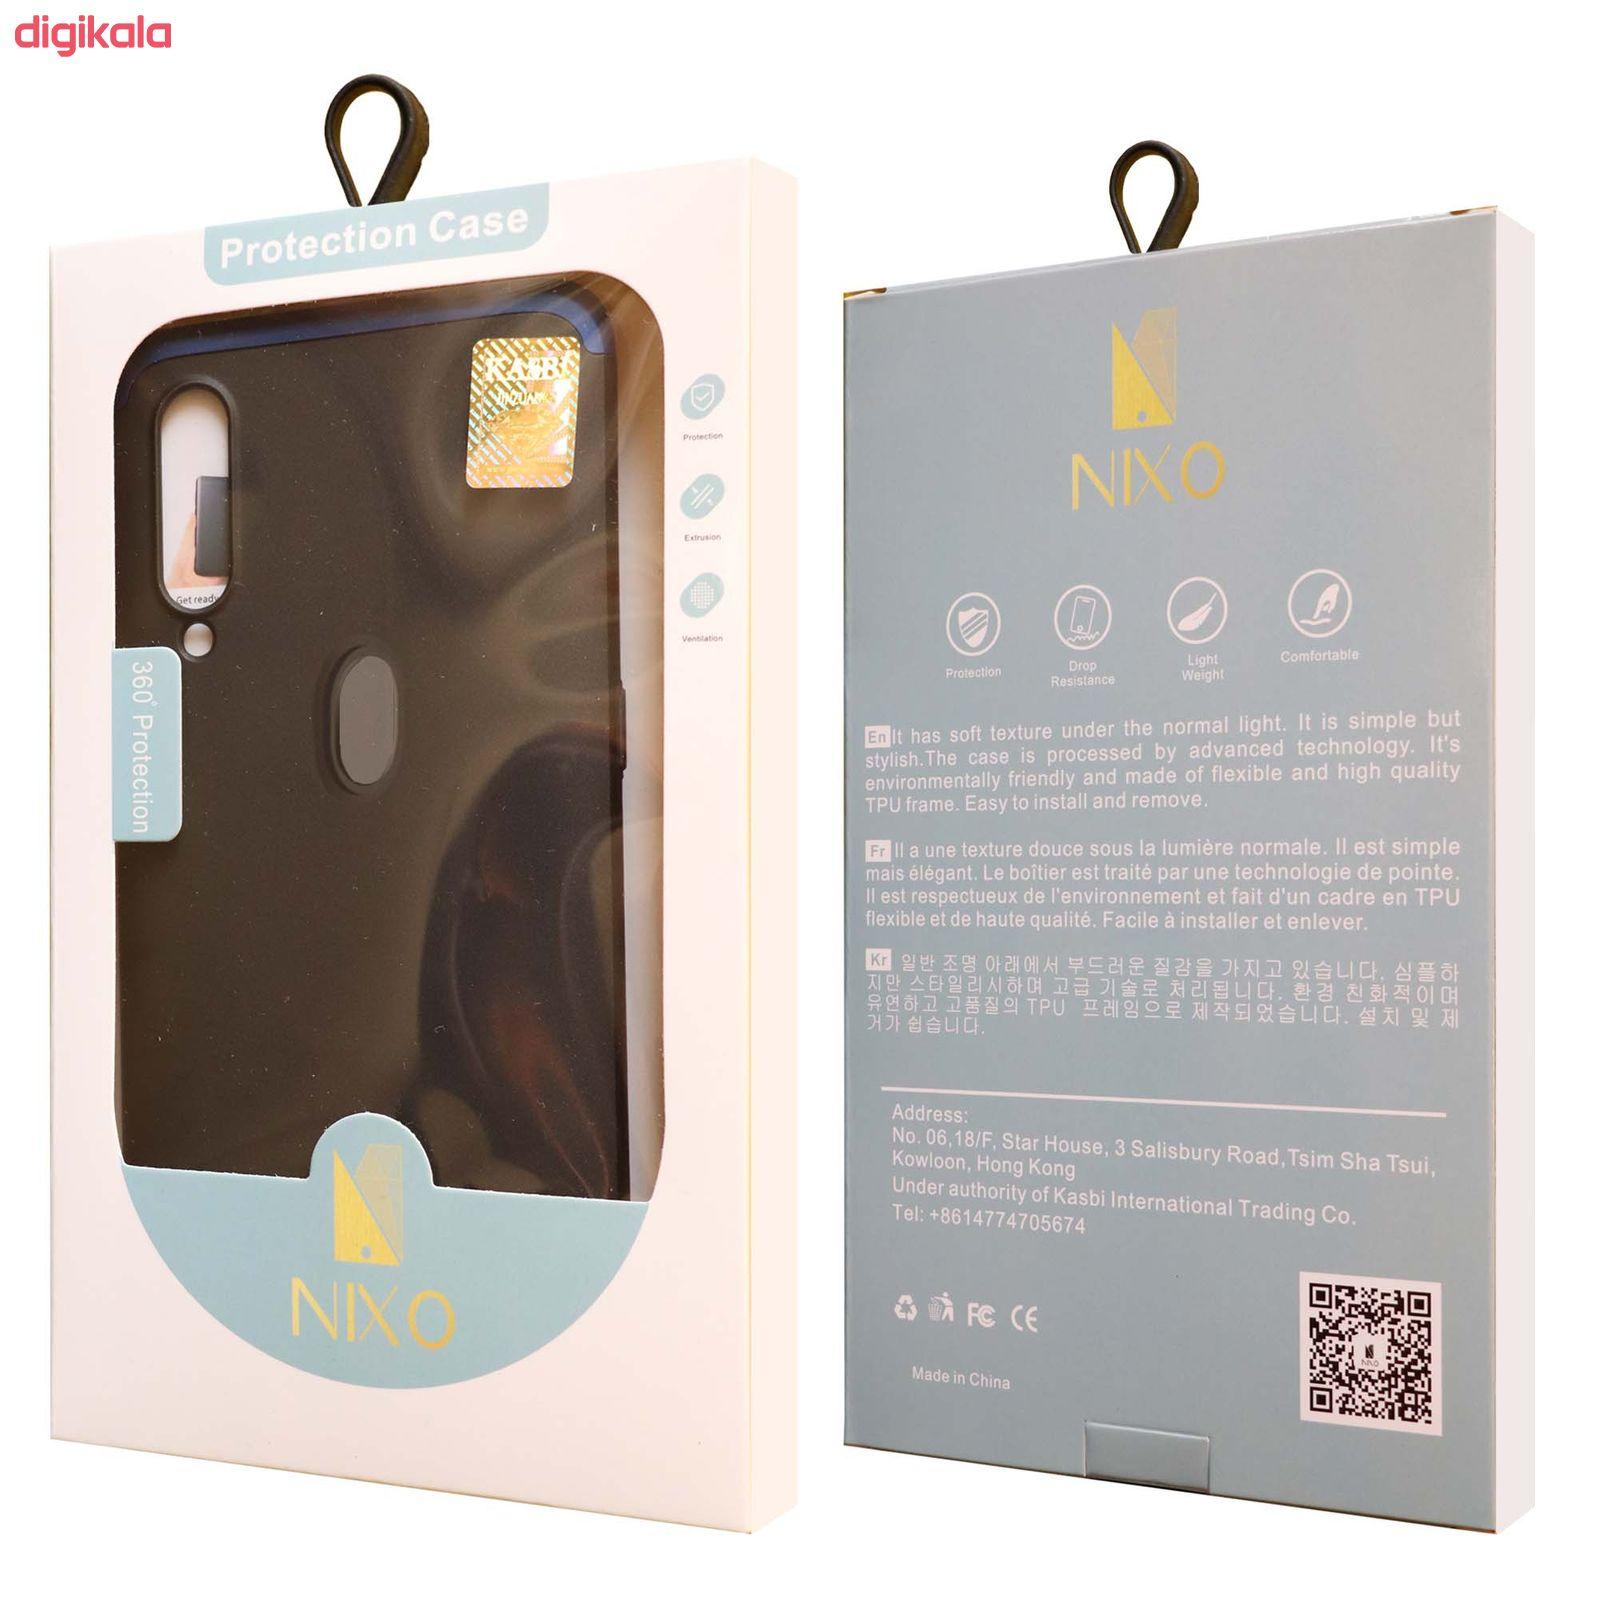 کاور 360 درجه نیکسو مدل Soliel مناسب برای گوشی موبایل شیائومی Redmi Note 8 به همراه محافظ صفحه نمایش